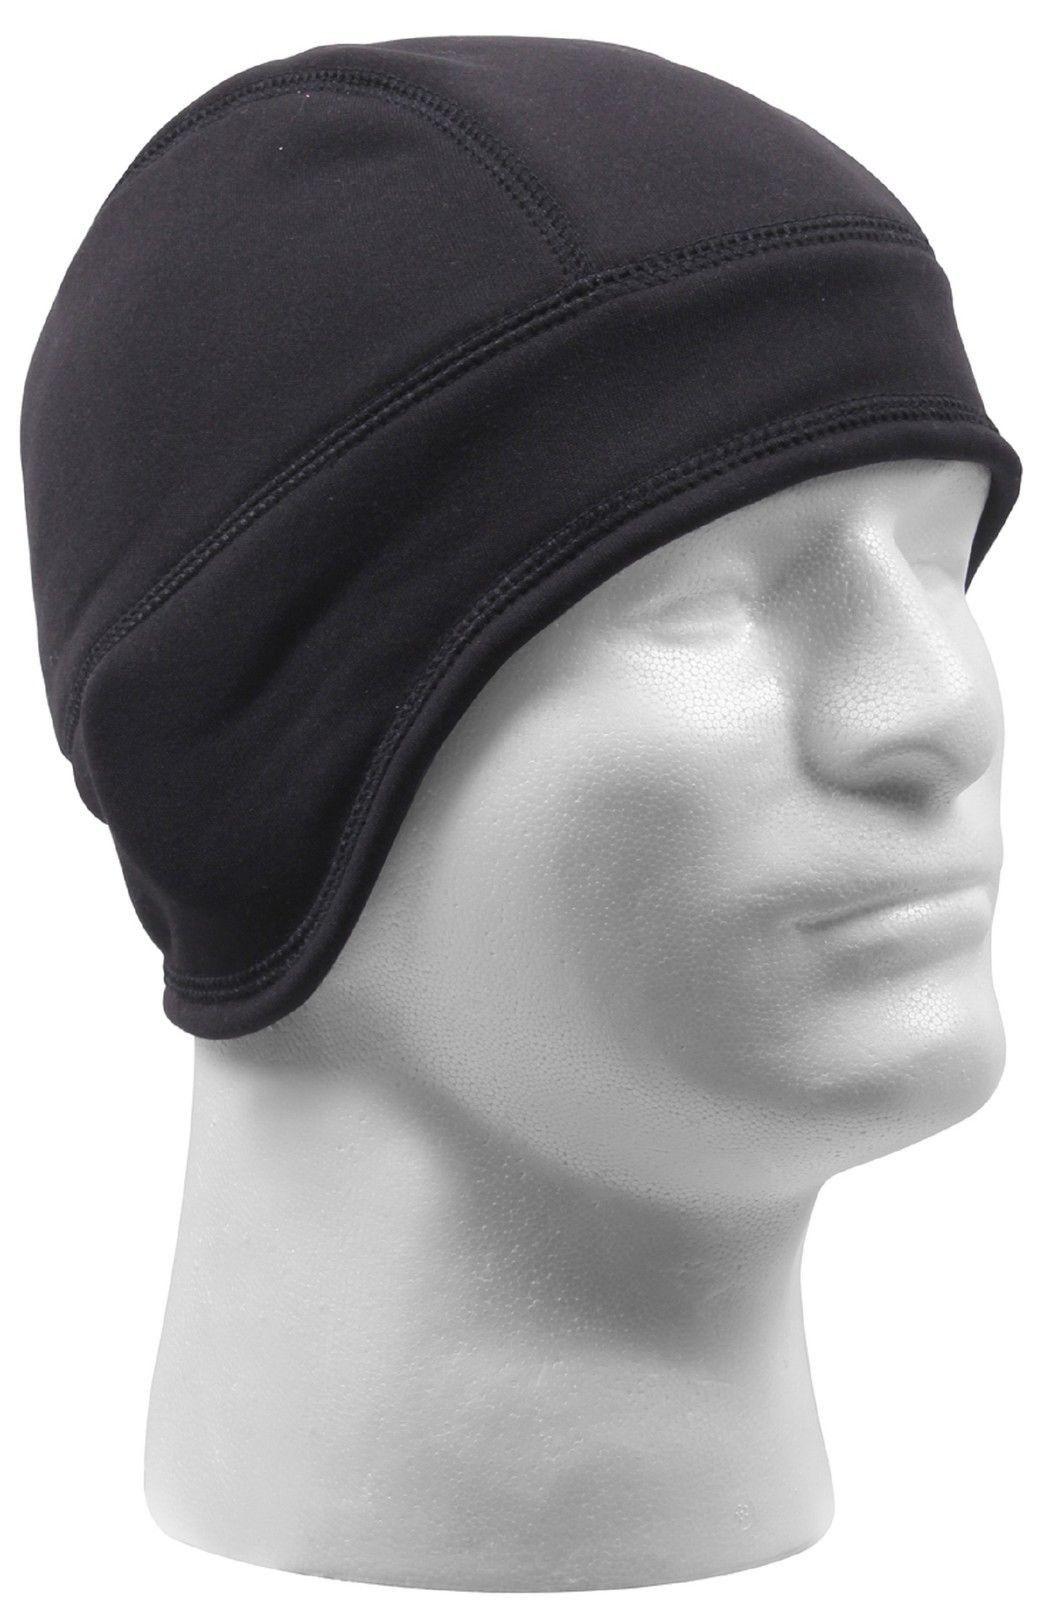 9a7ddb9e1f5 Rothco Arctic Fleece Tactical Cap - Helmet Liner - Black or Brown Winter  Ski Hat